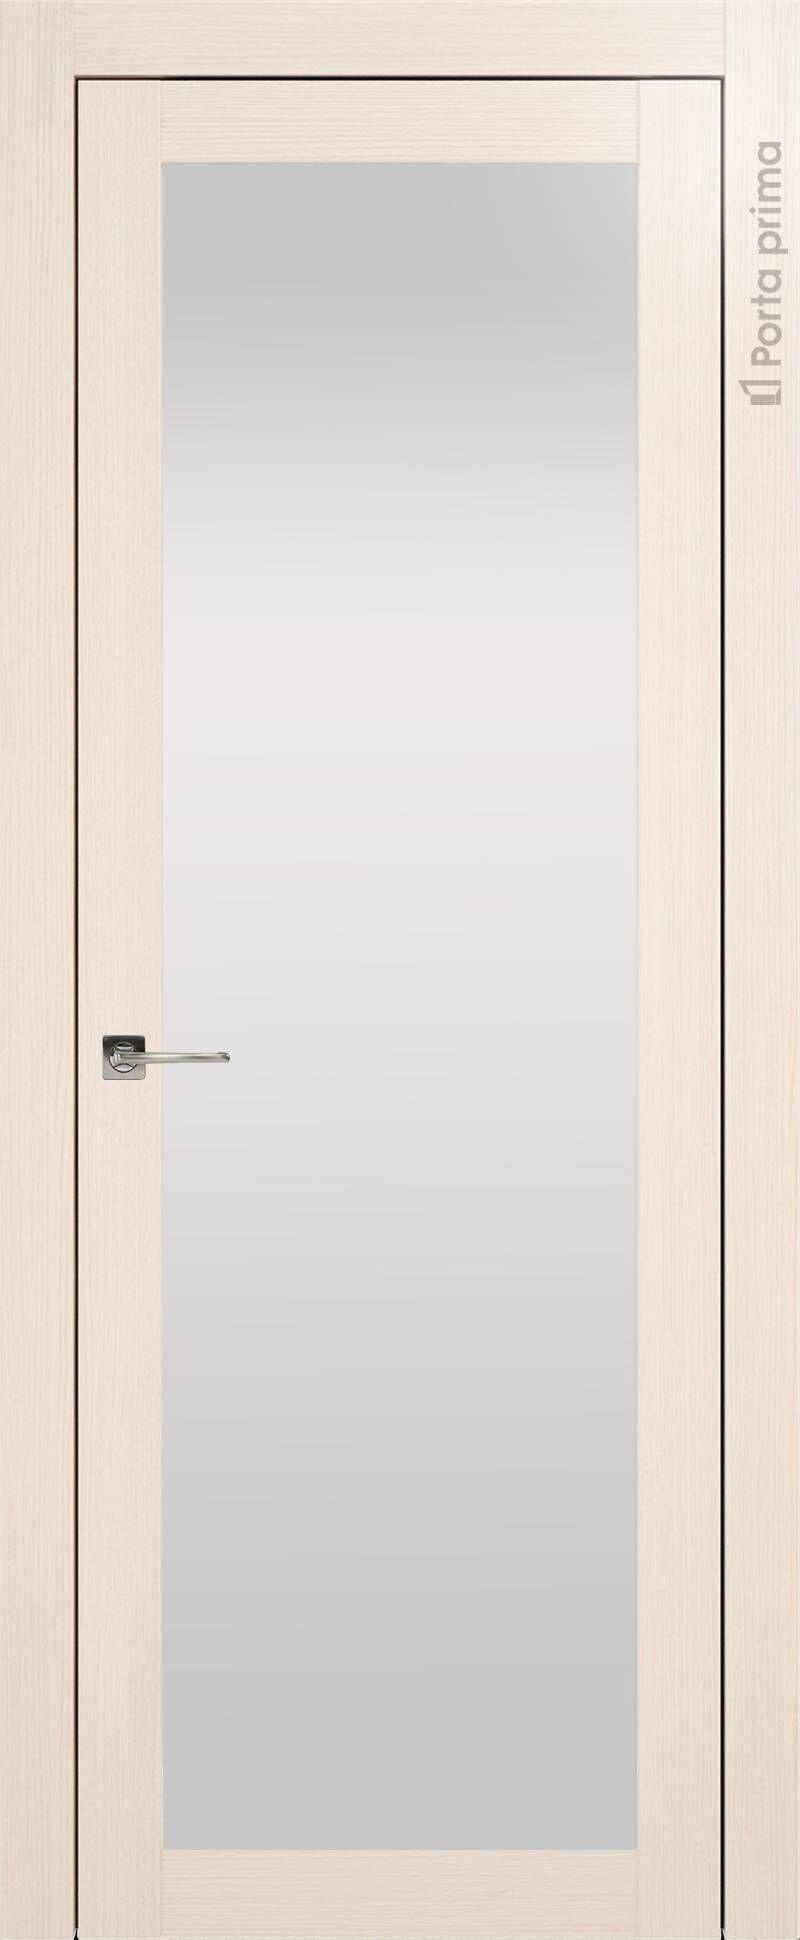 Tivoli З-1 цвет - Беленый дуб Со стеклом (ДО)